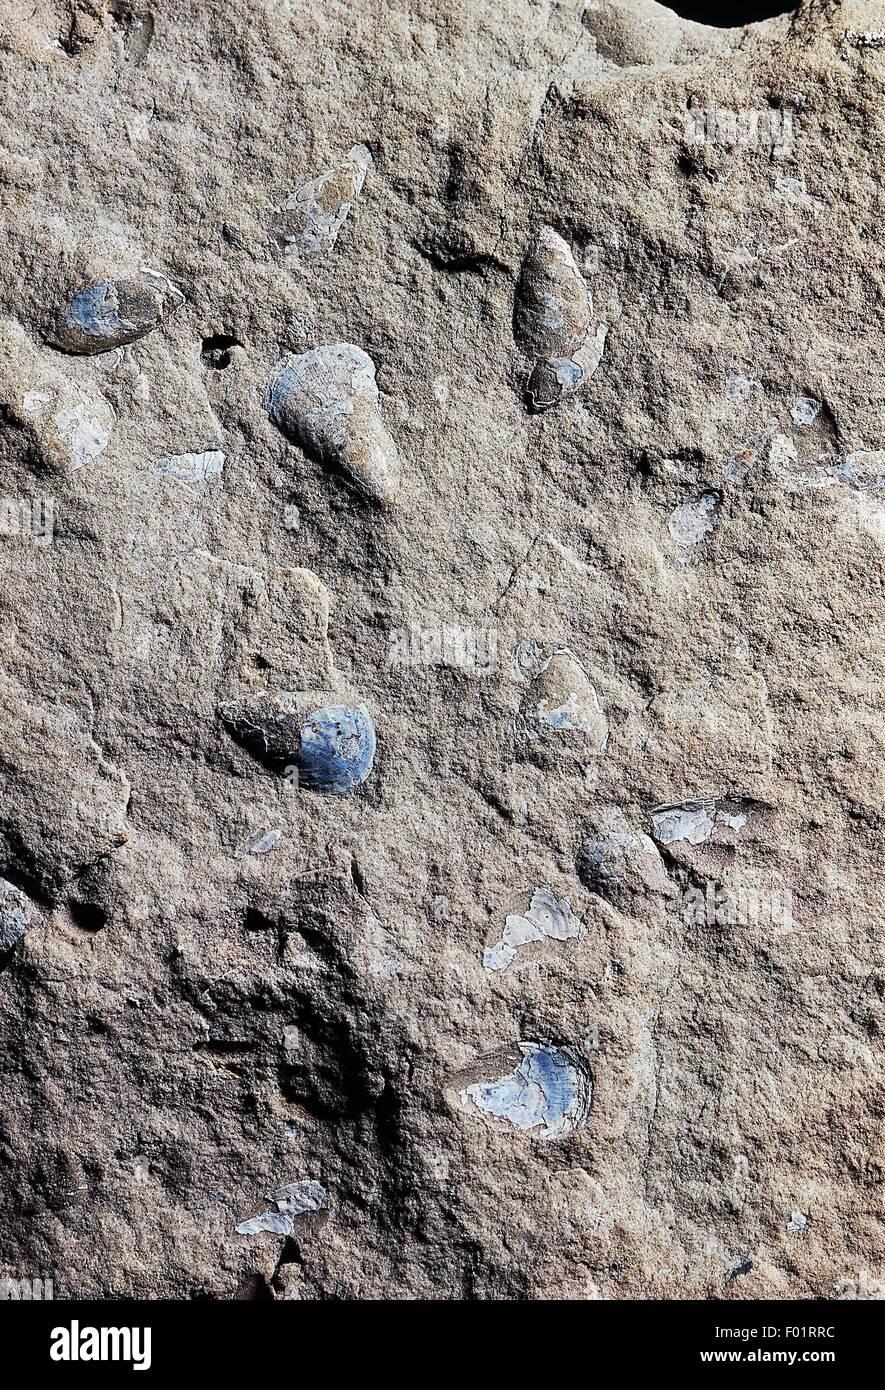 Brachiopoda Lingula cuneata, fossiles du Silurien précoce, d'une époque. Photo Stock